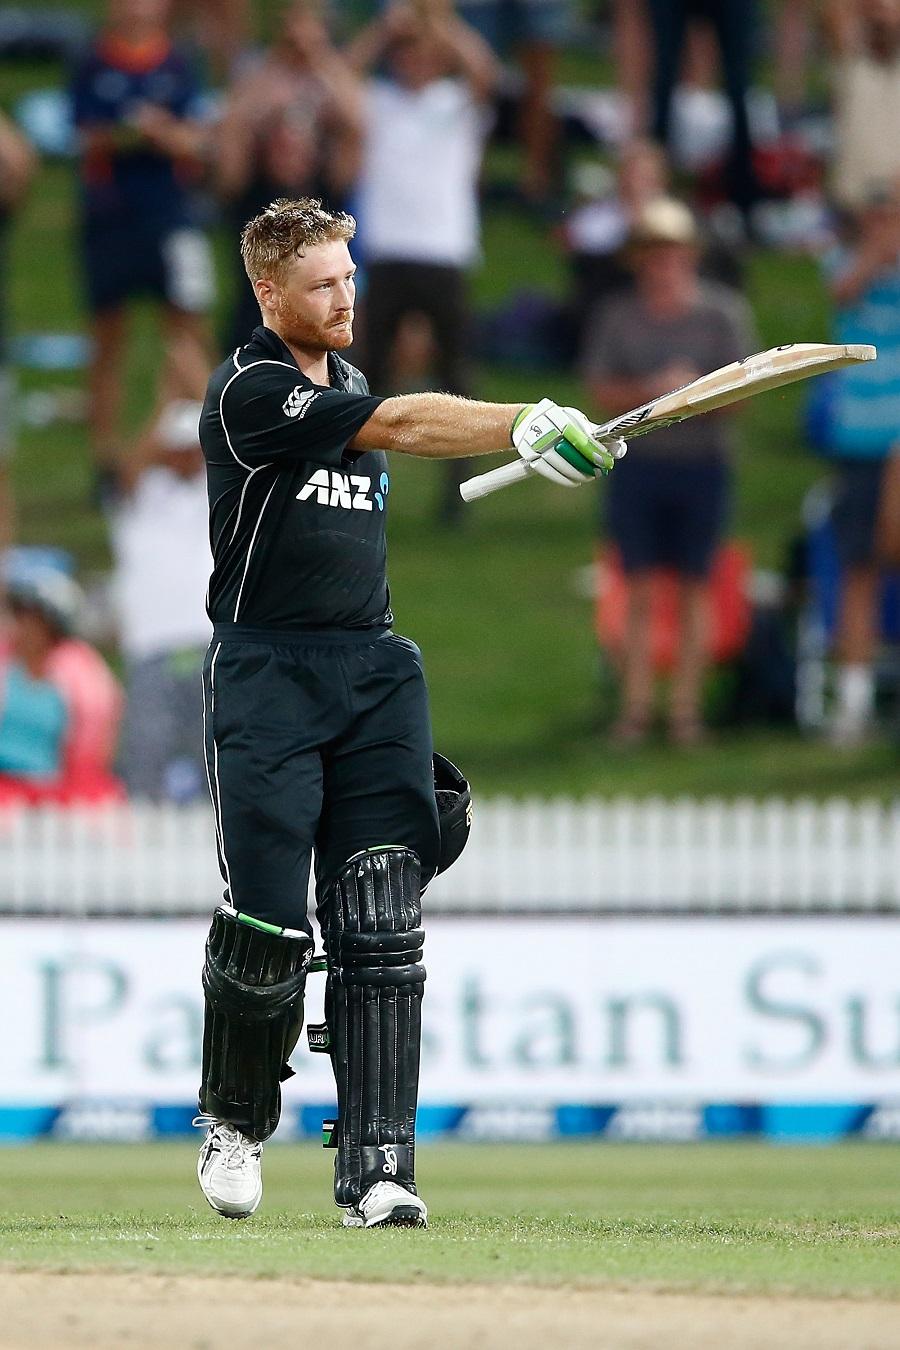 रिकार्ड्स: न्यूज़ीलैण्ड बनाम साउथ अफ्रीका चौथे एकदिवसीय मैच में गुप्टिल ने बनाए कई रिकार्ड्स, सचिन और रोहित शर्मा जैसे दिग्गजों को पछाड़ा